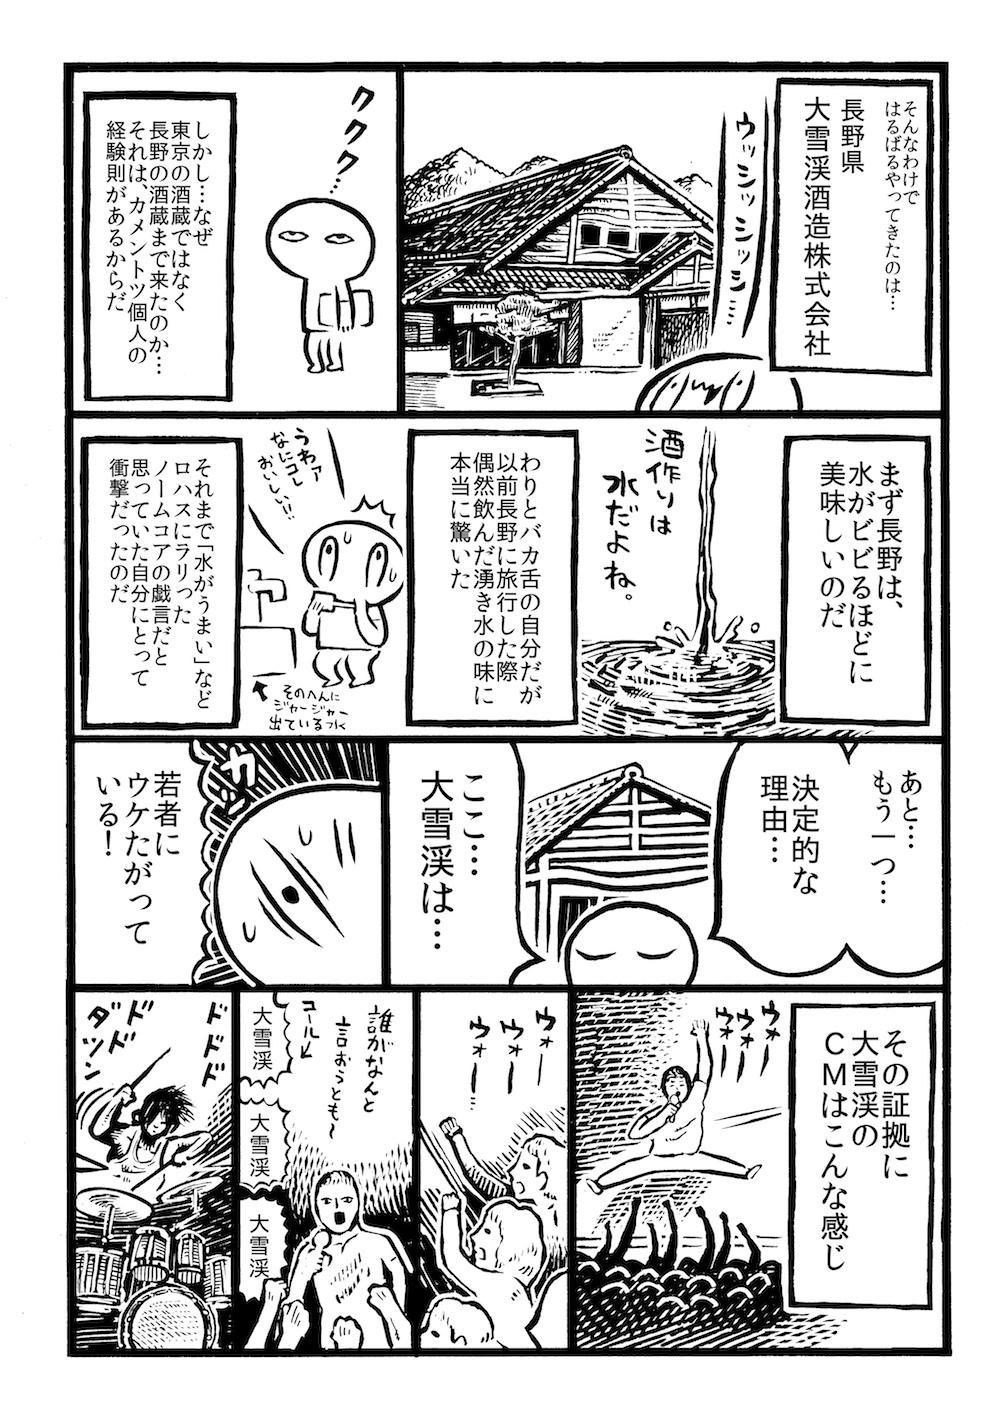 f:id:kakijiro:20170130141124j:plain